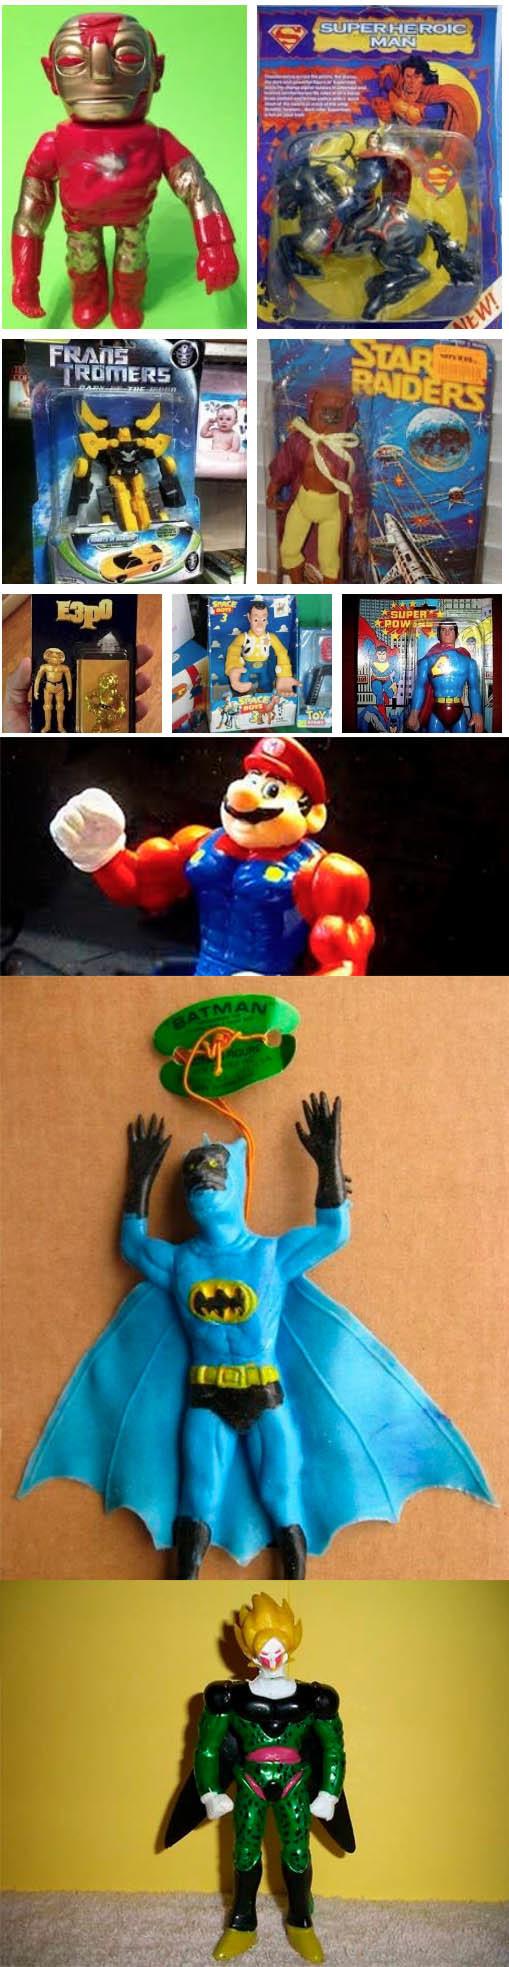 Meme_otros - Juguetes realmente lamentables que te harán llorar